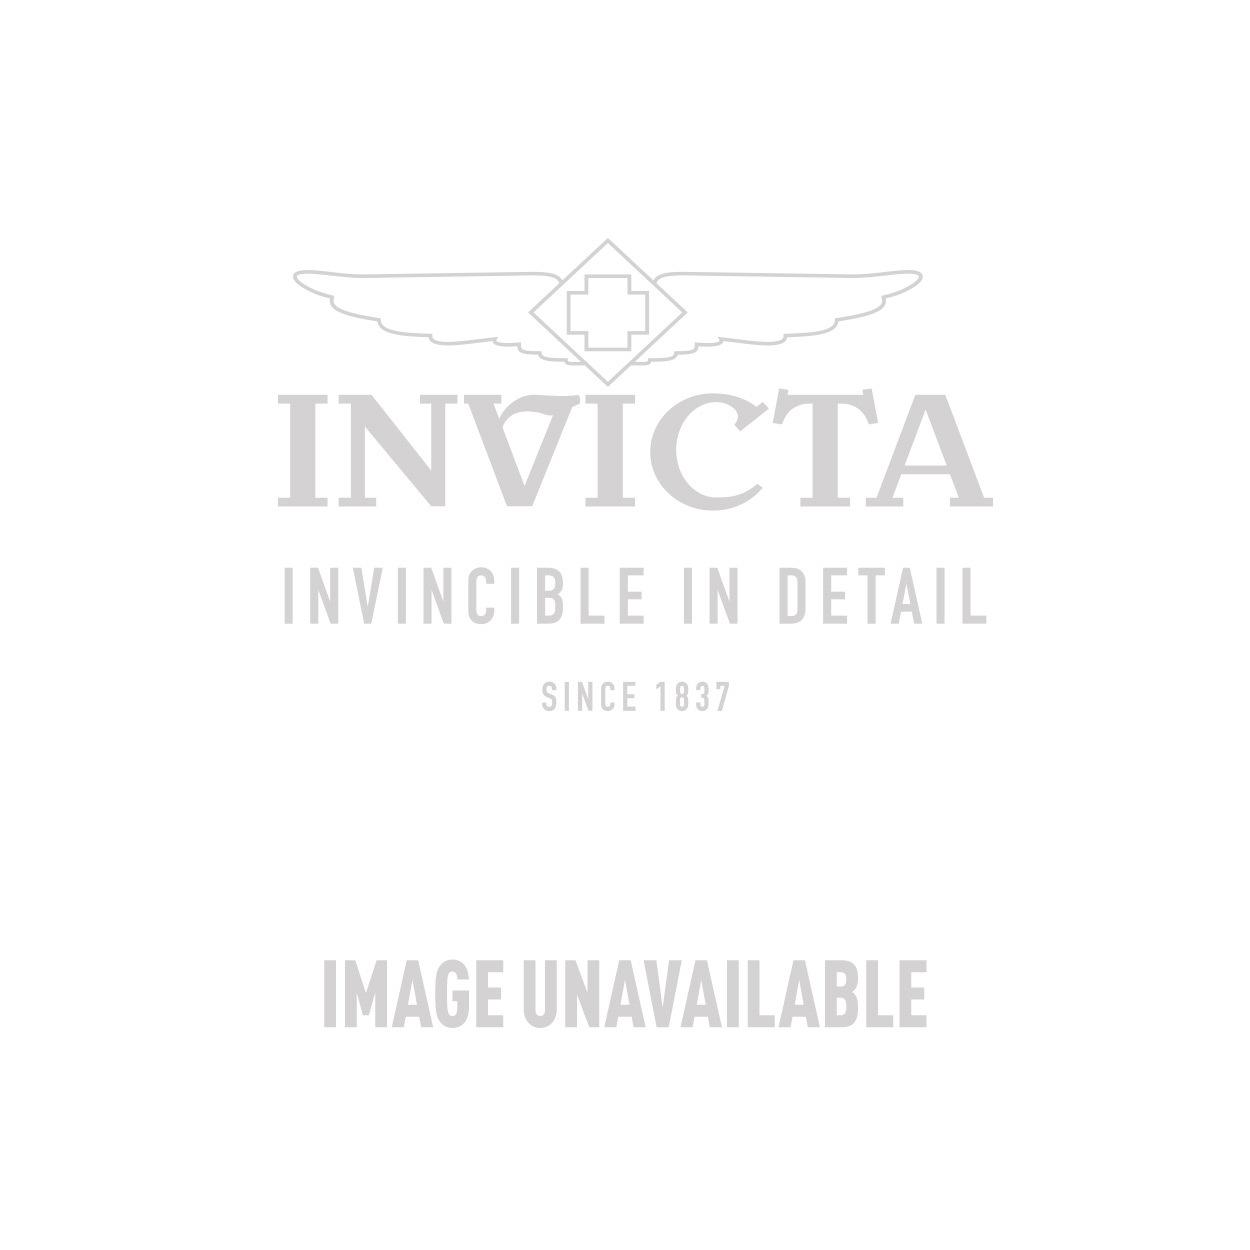 Invicta Model 27188